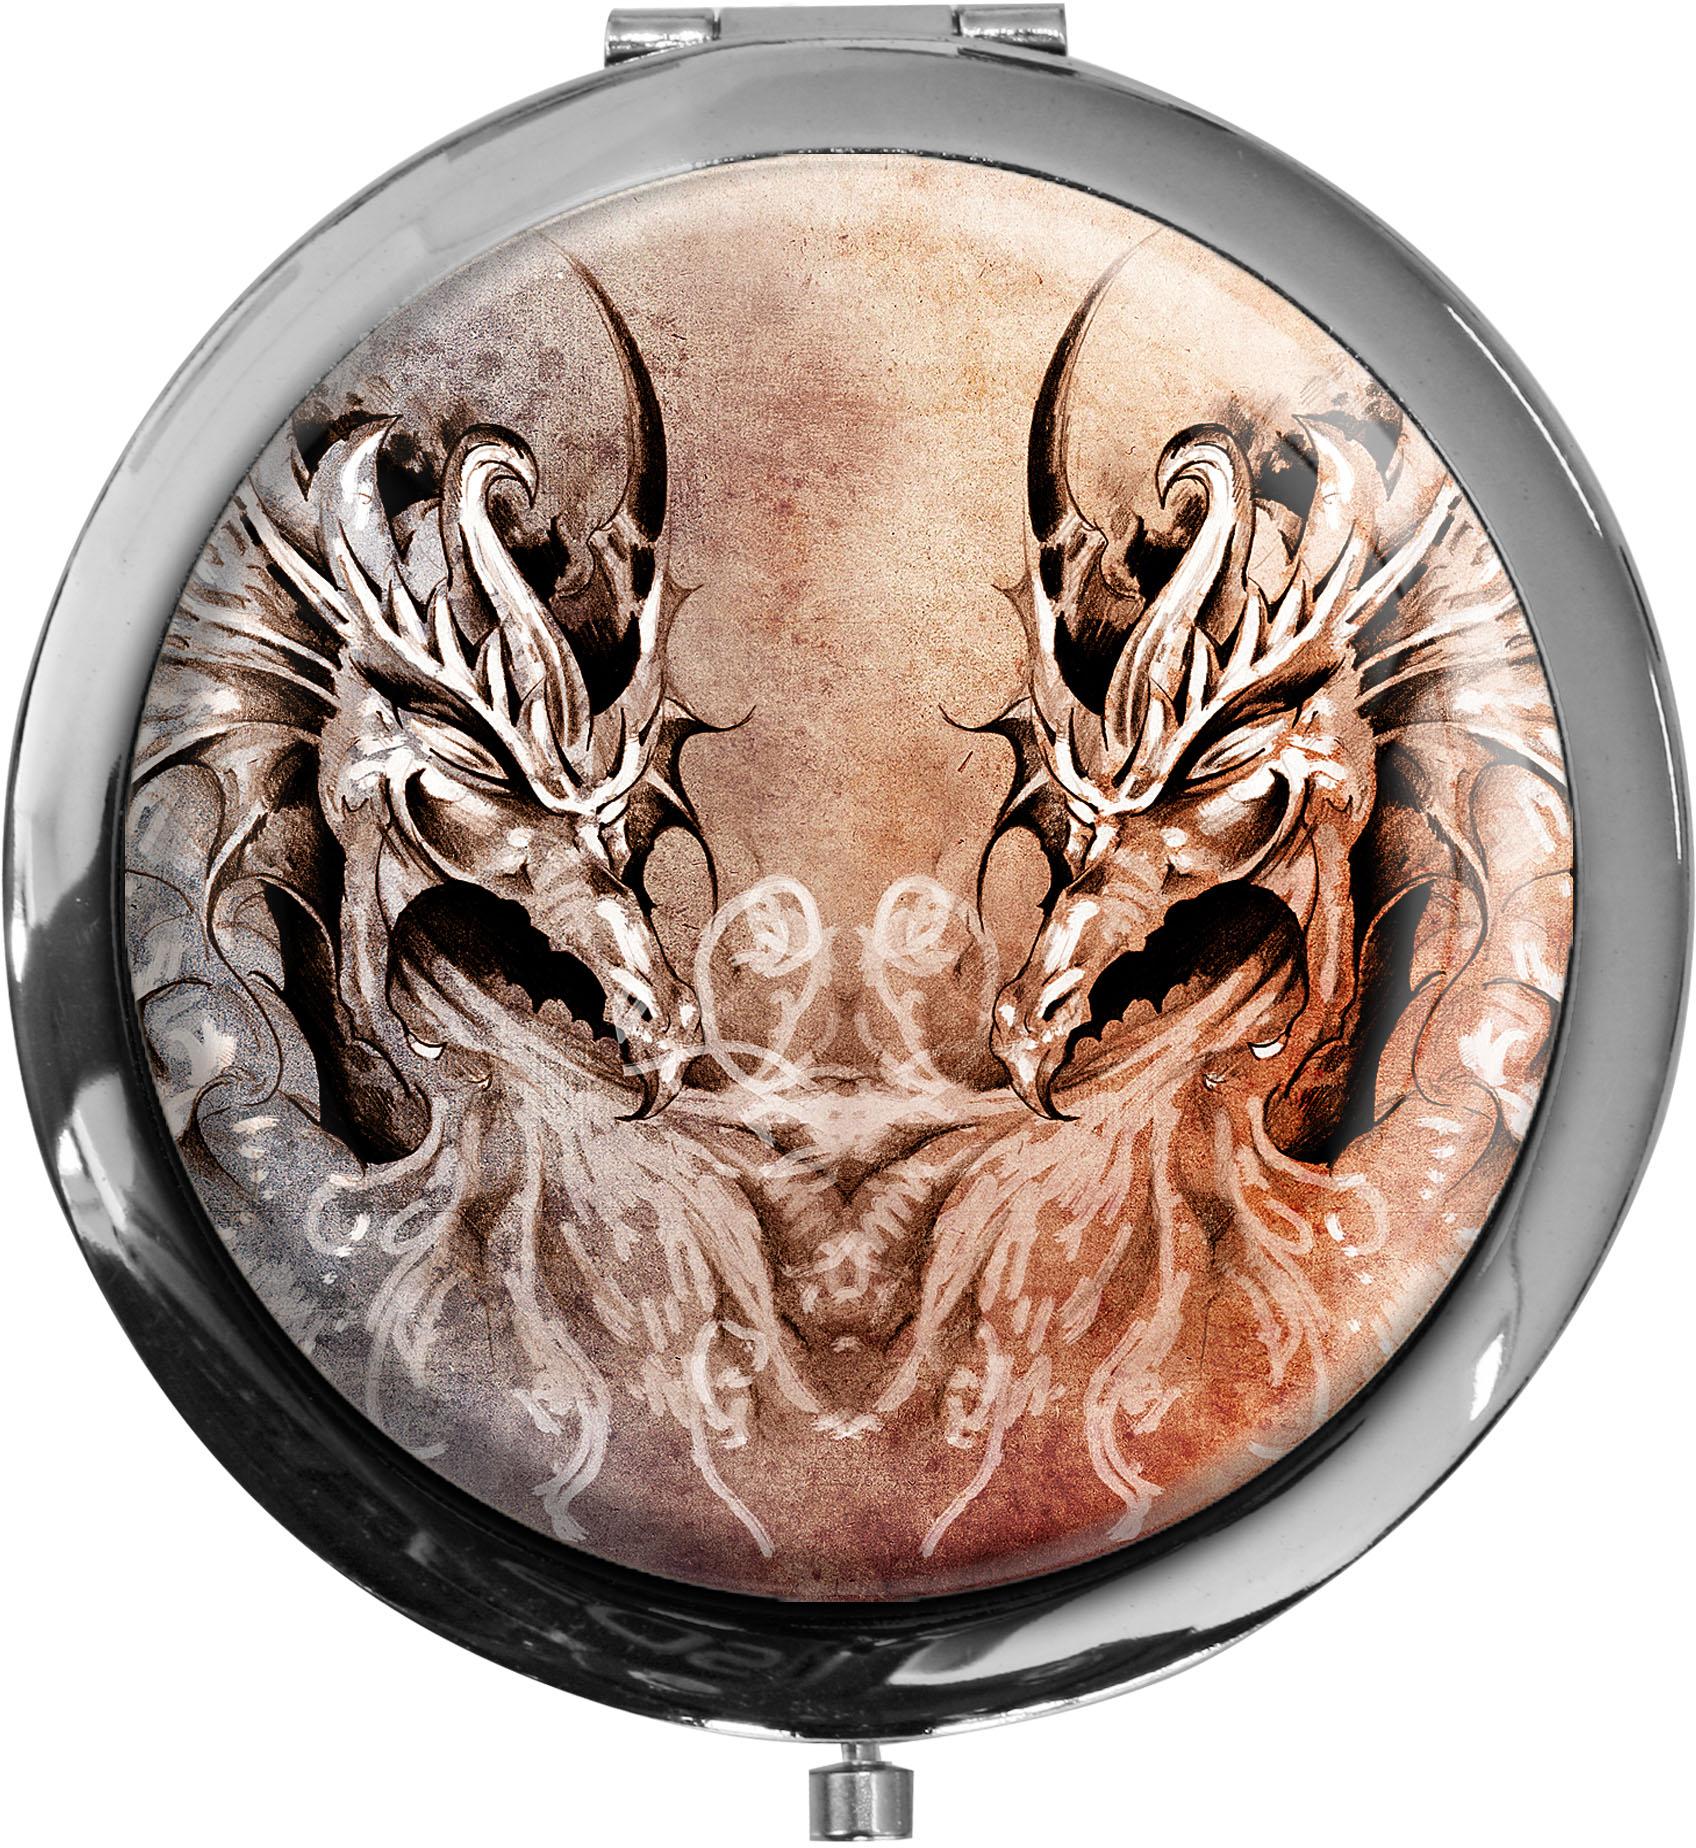 Pillendose XXL / Drachen / Mystik